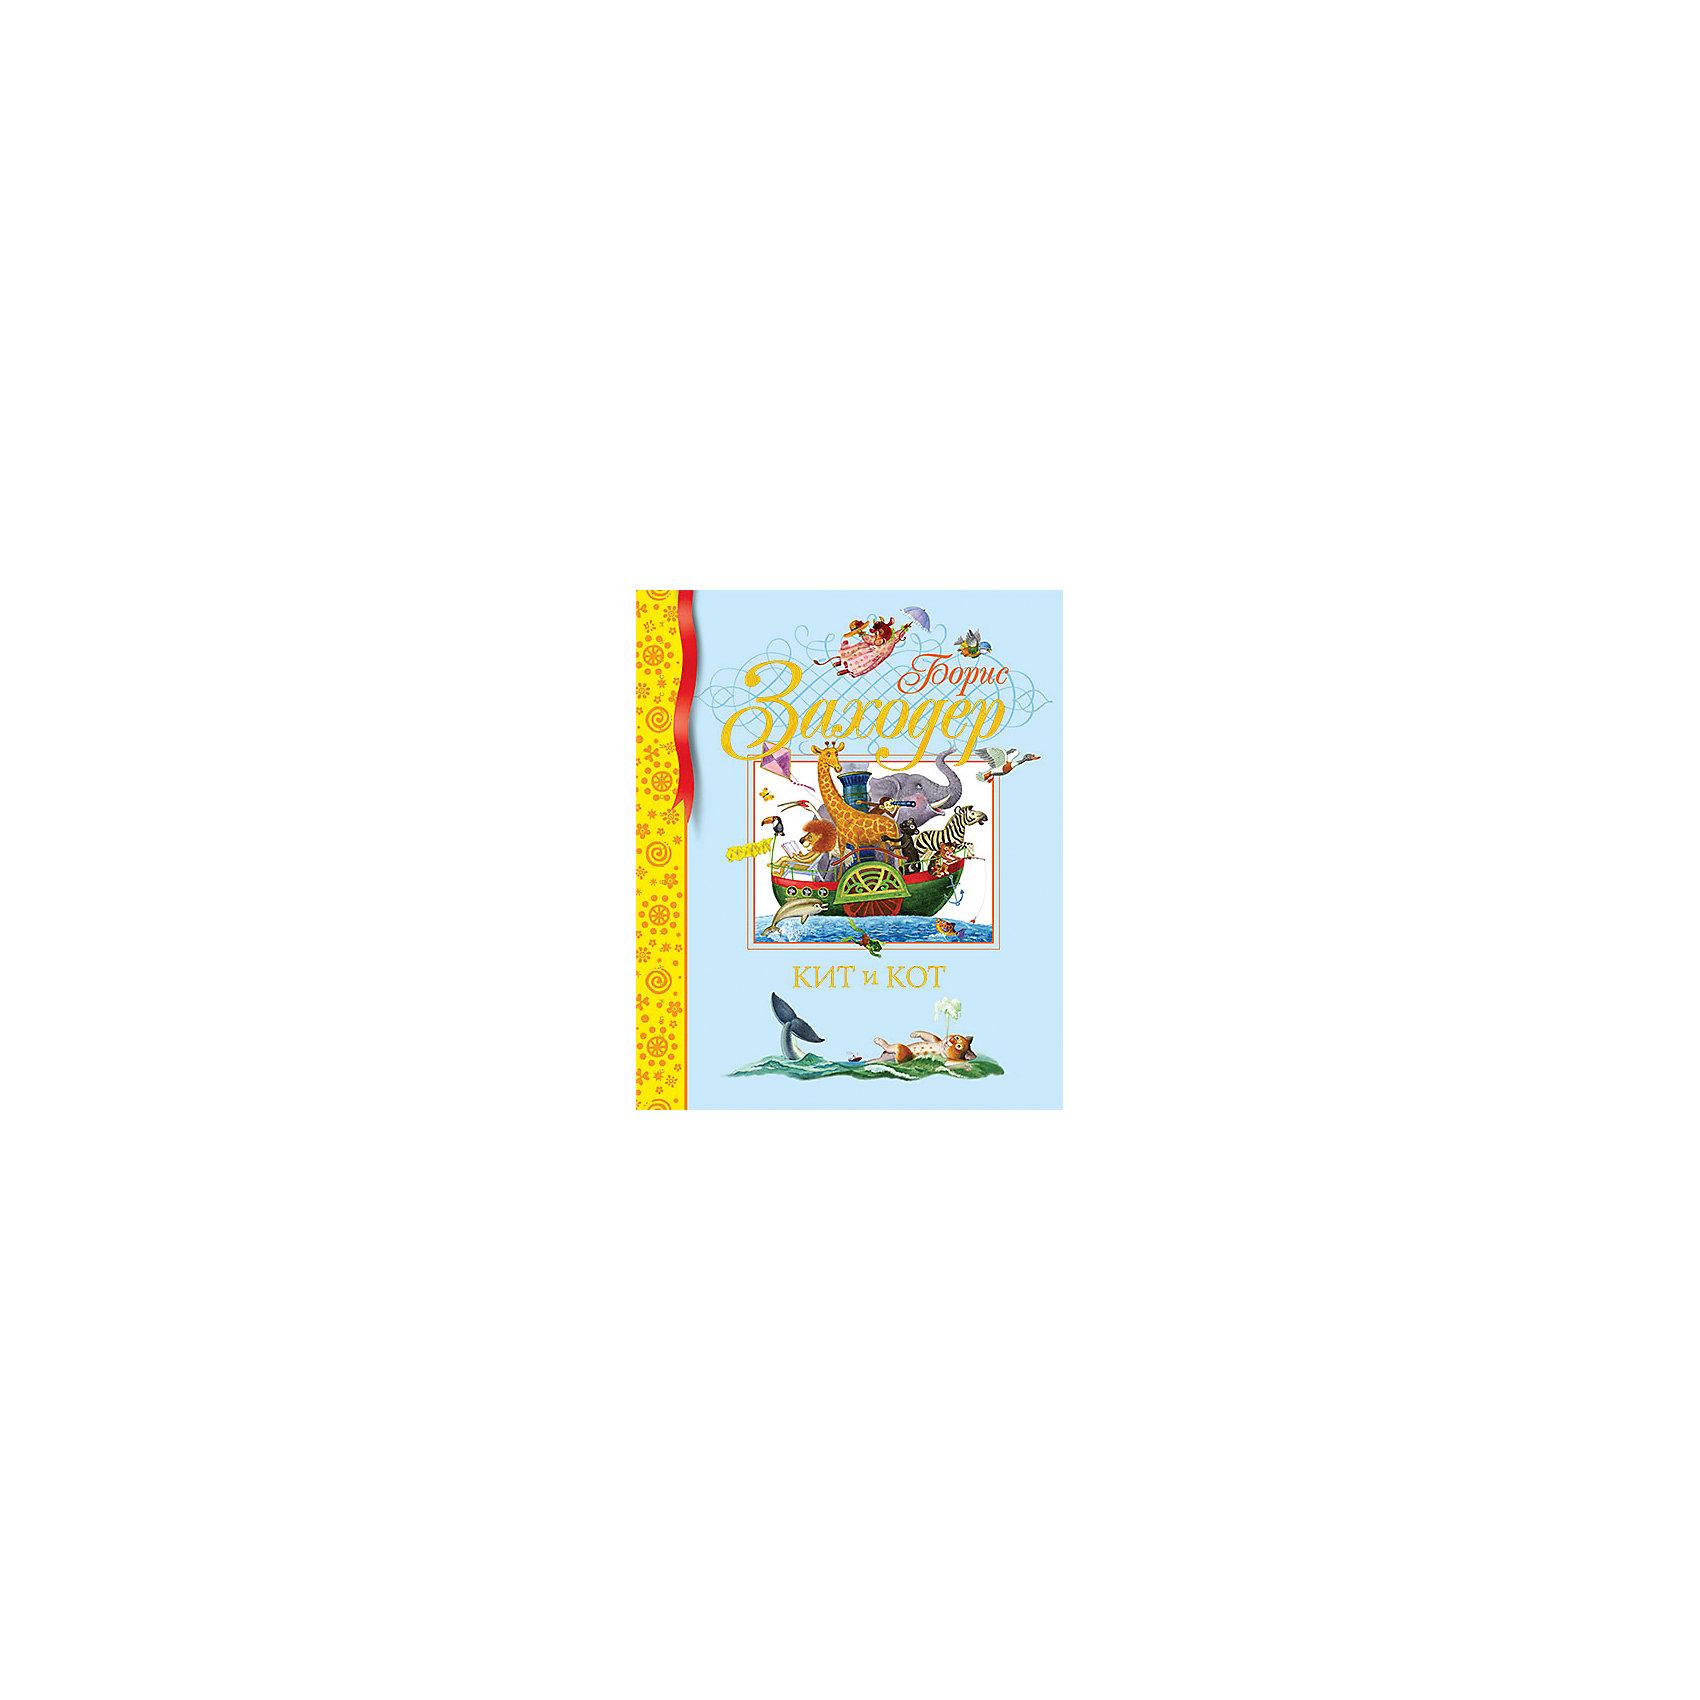 Махаон Кит и кот, Б.В. Заходер тасбулатова диляра керизбековна кот консьержка и другие уважаемые люди